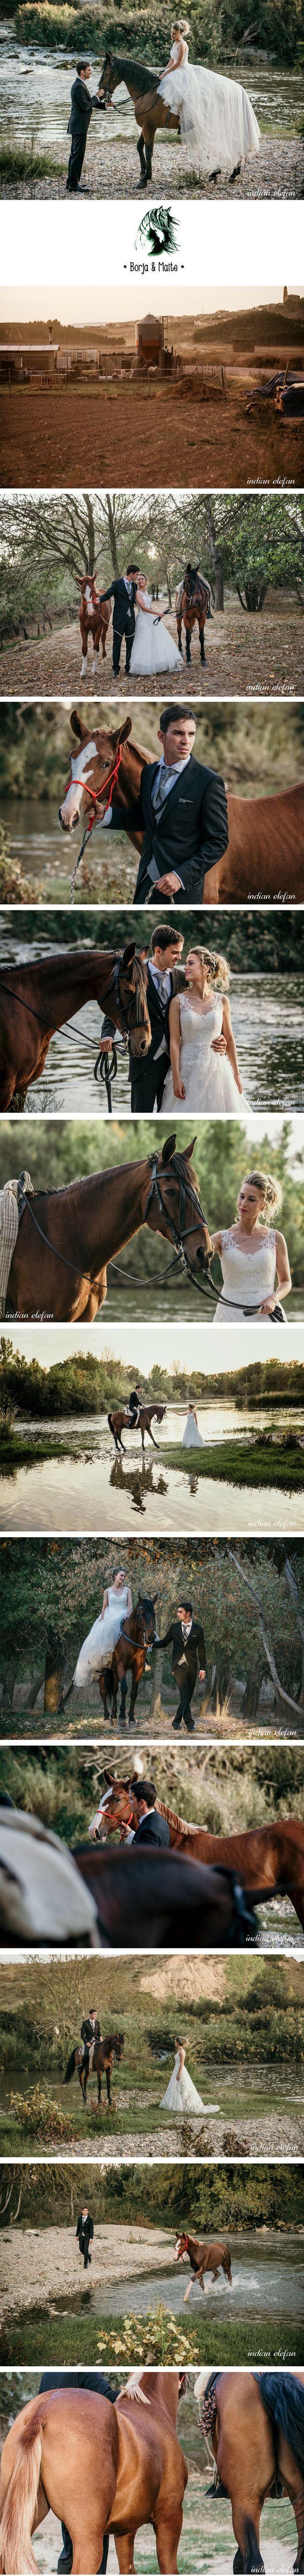 boda caballos pamplona